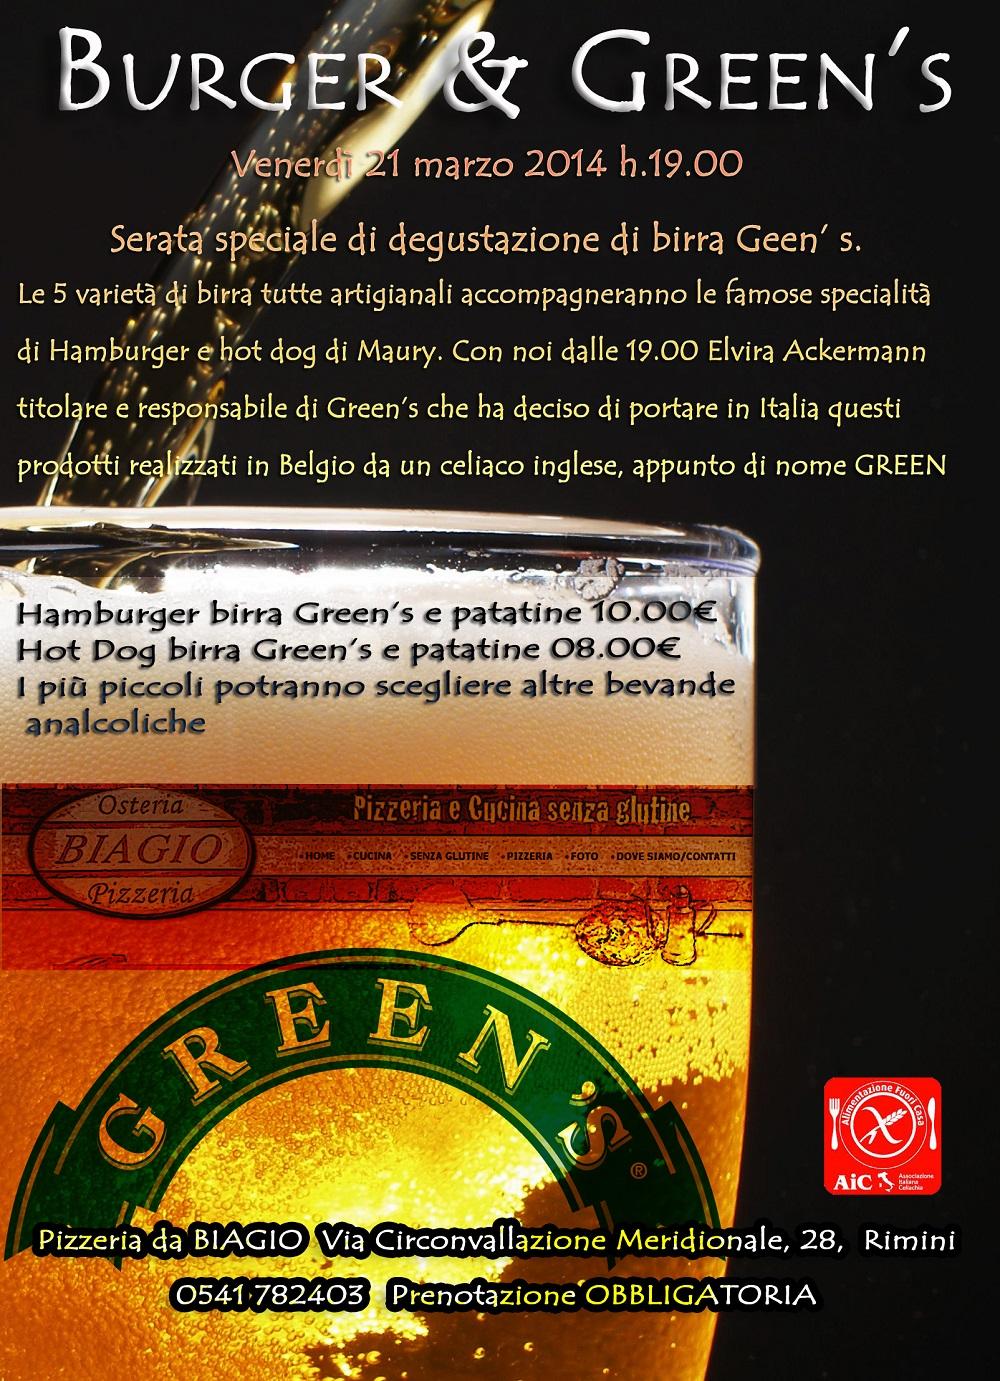 BURGER & GREEN'S alla Pizzeria da BIAGIO - Rimini